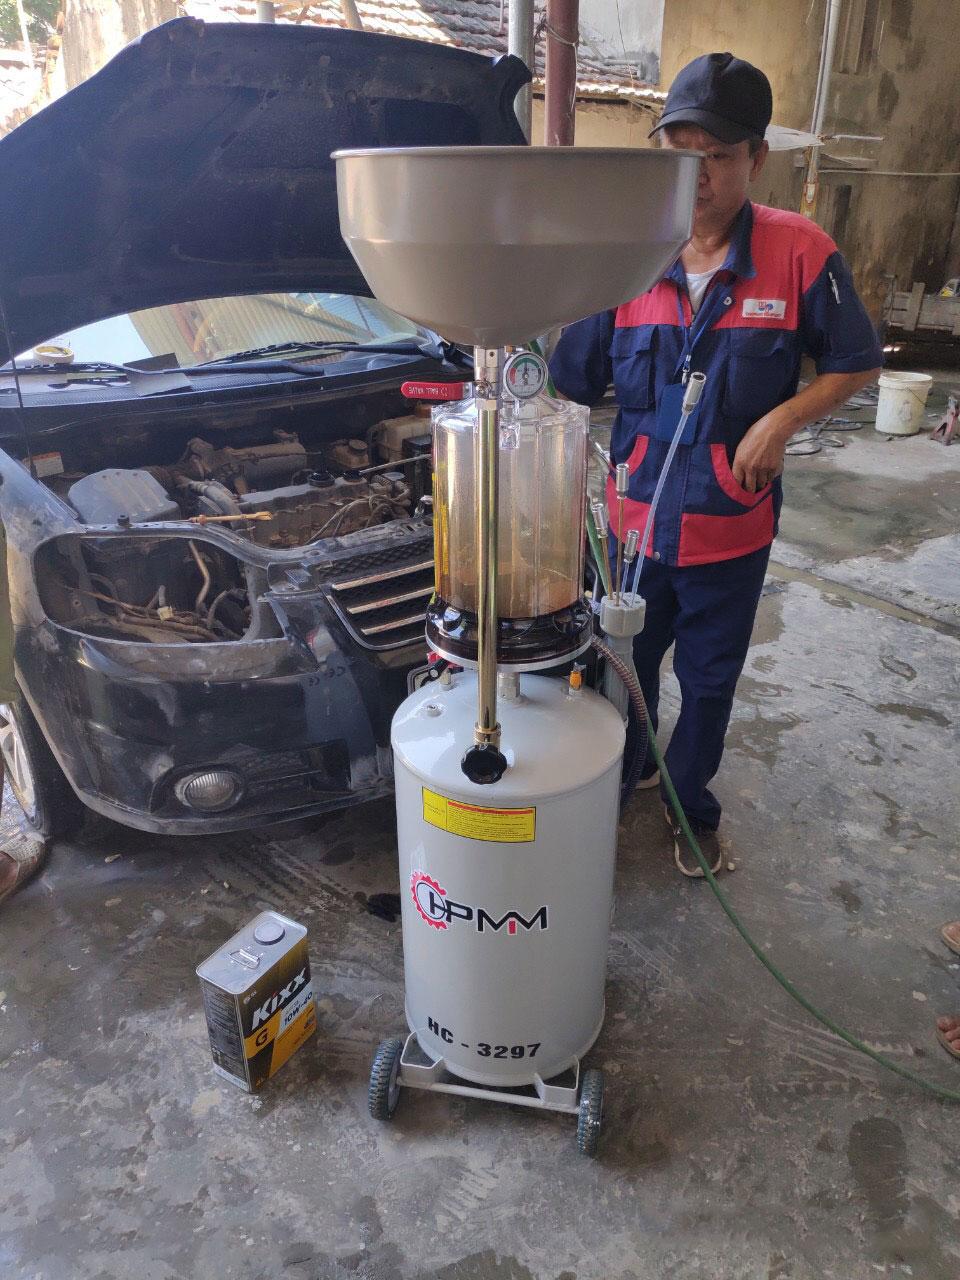 Bình hút dầu thải bằng khí nén 80 lít HC-3297